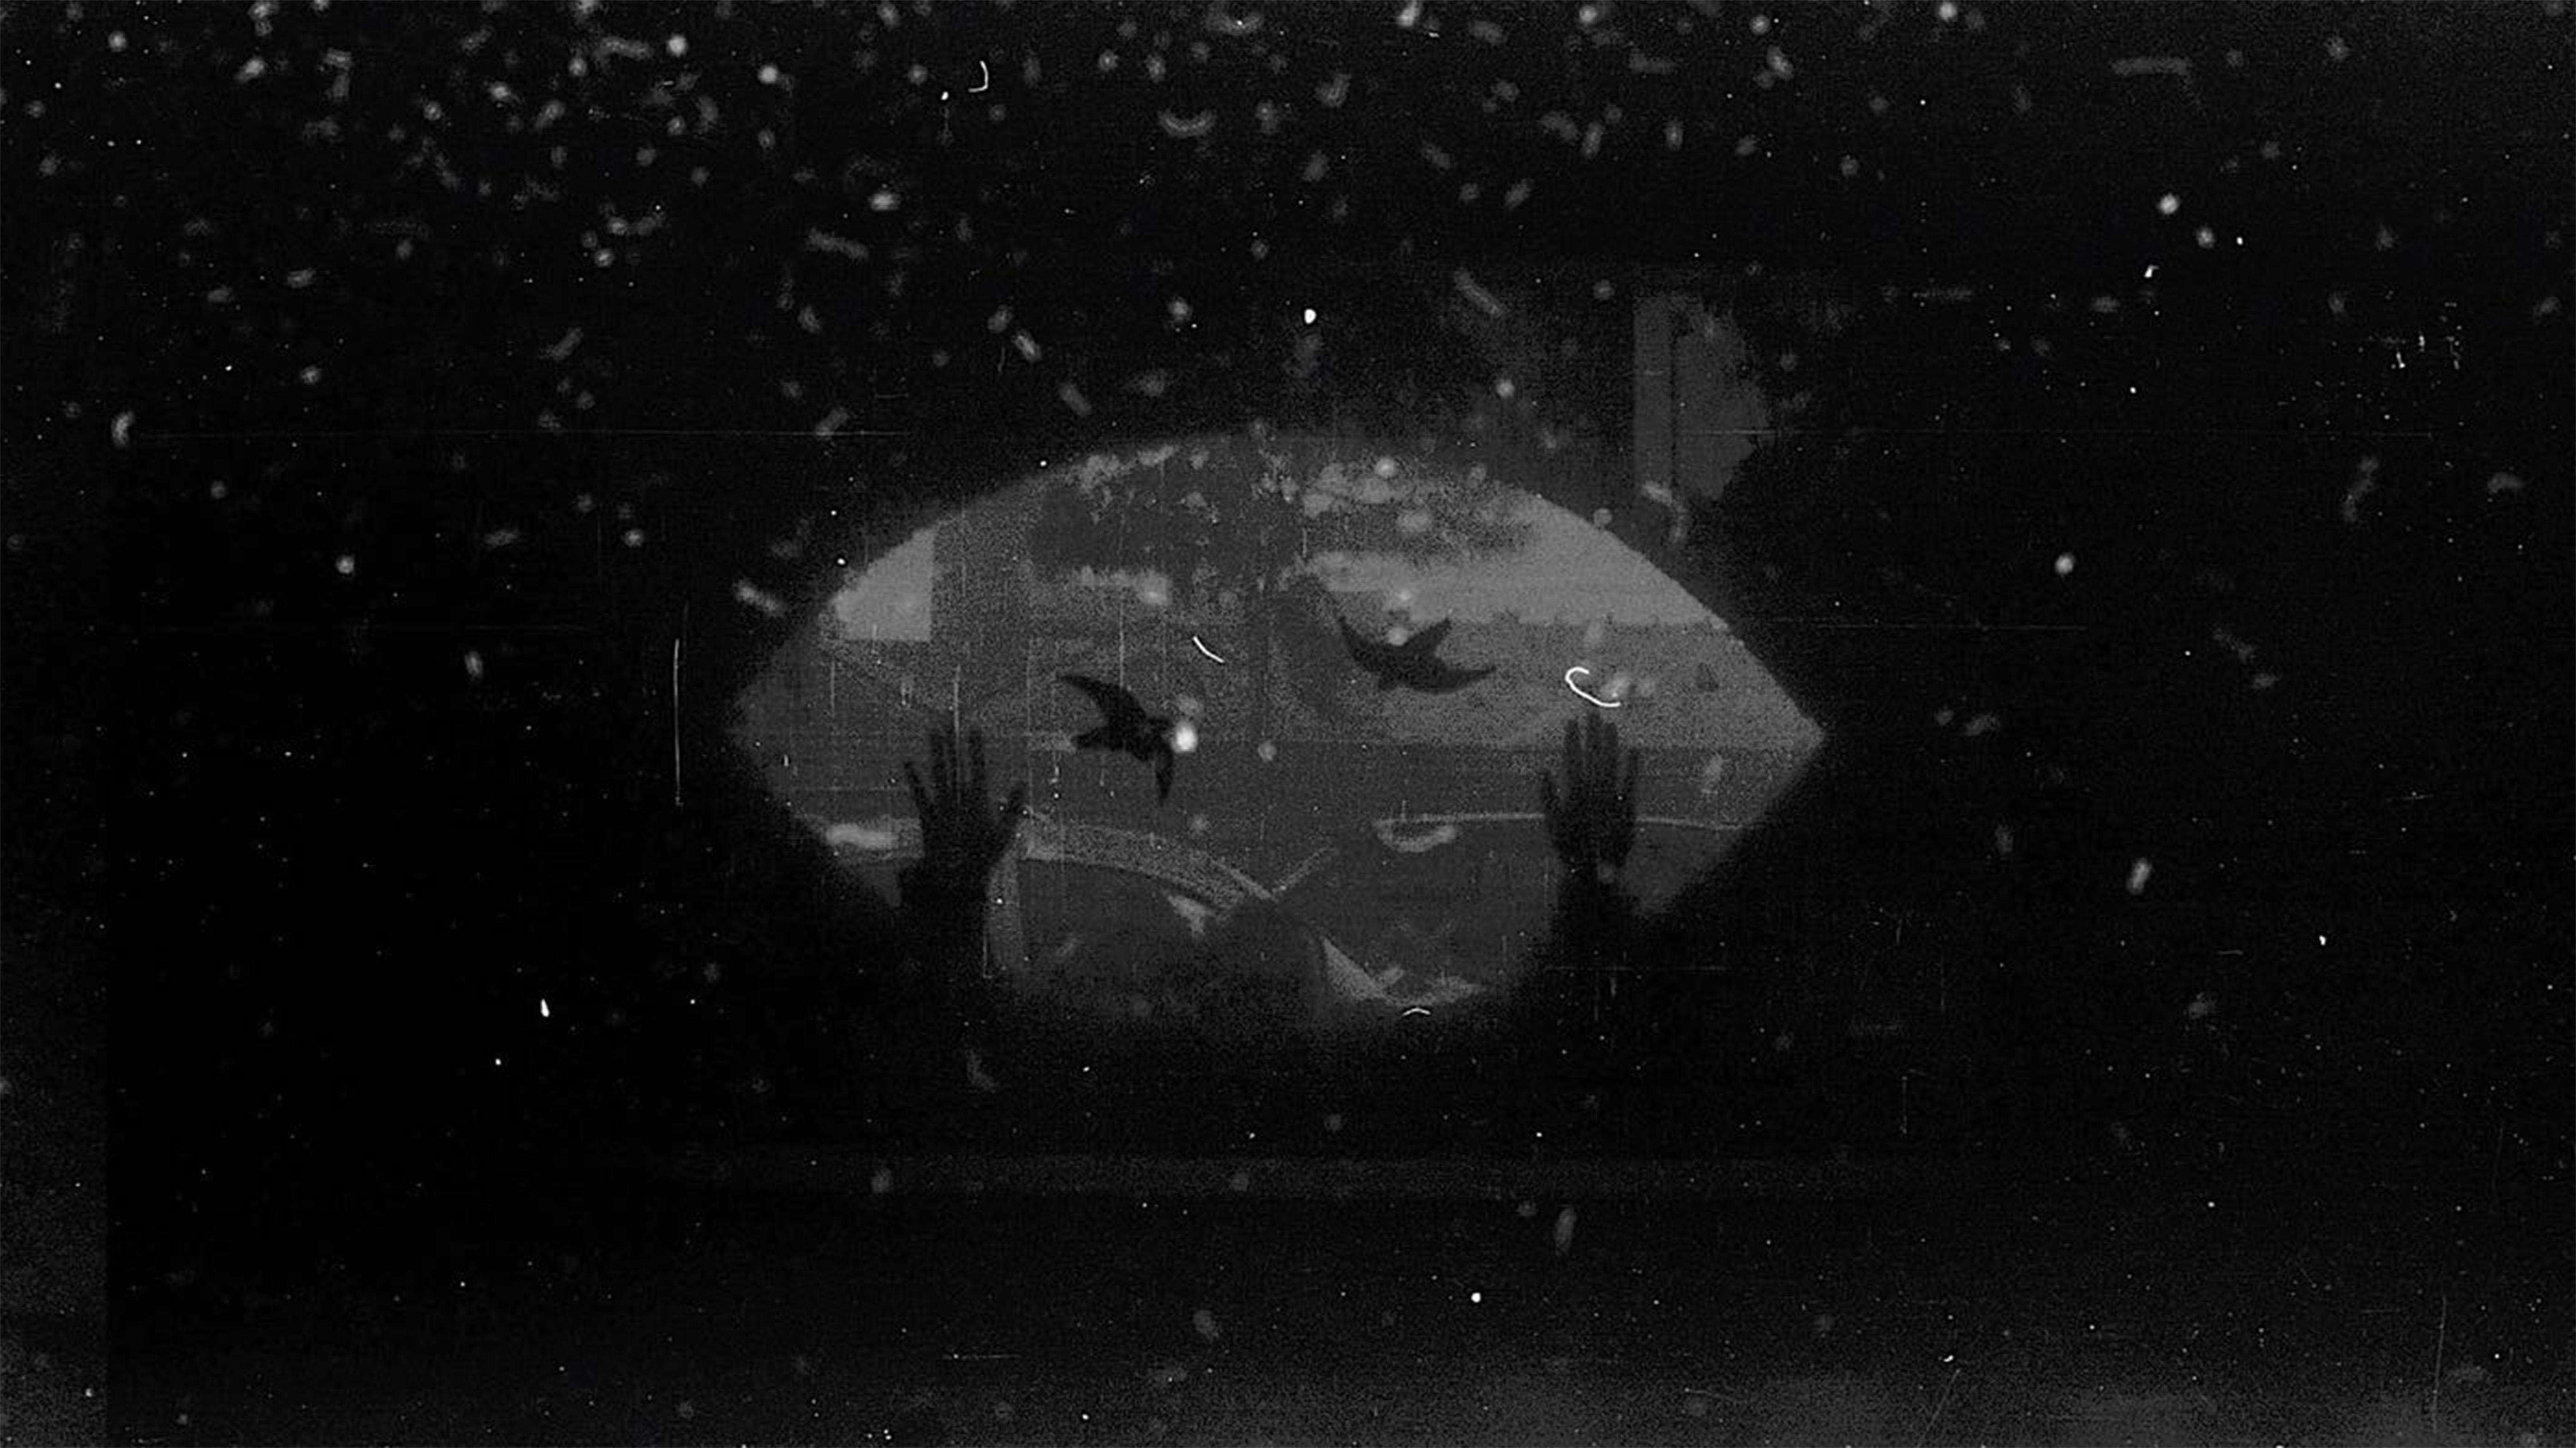 Ana Peixet en Contrafotografía - revelado con cerveza